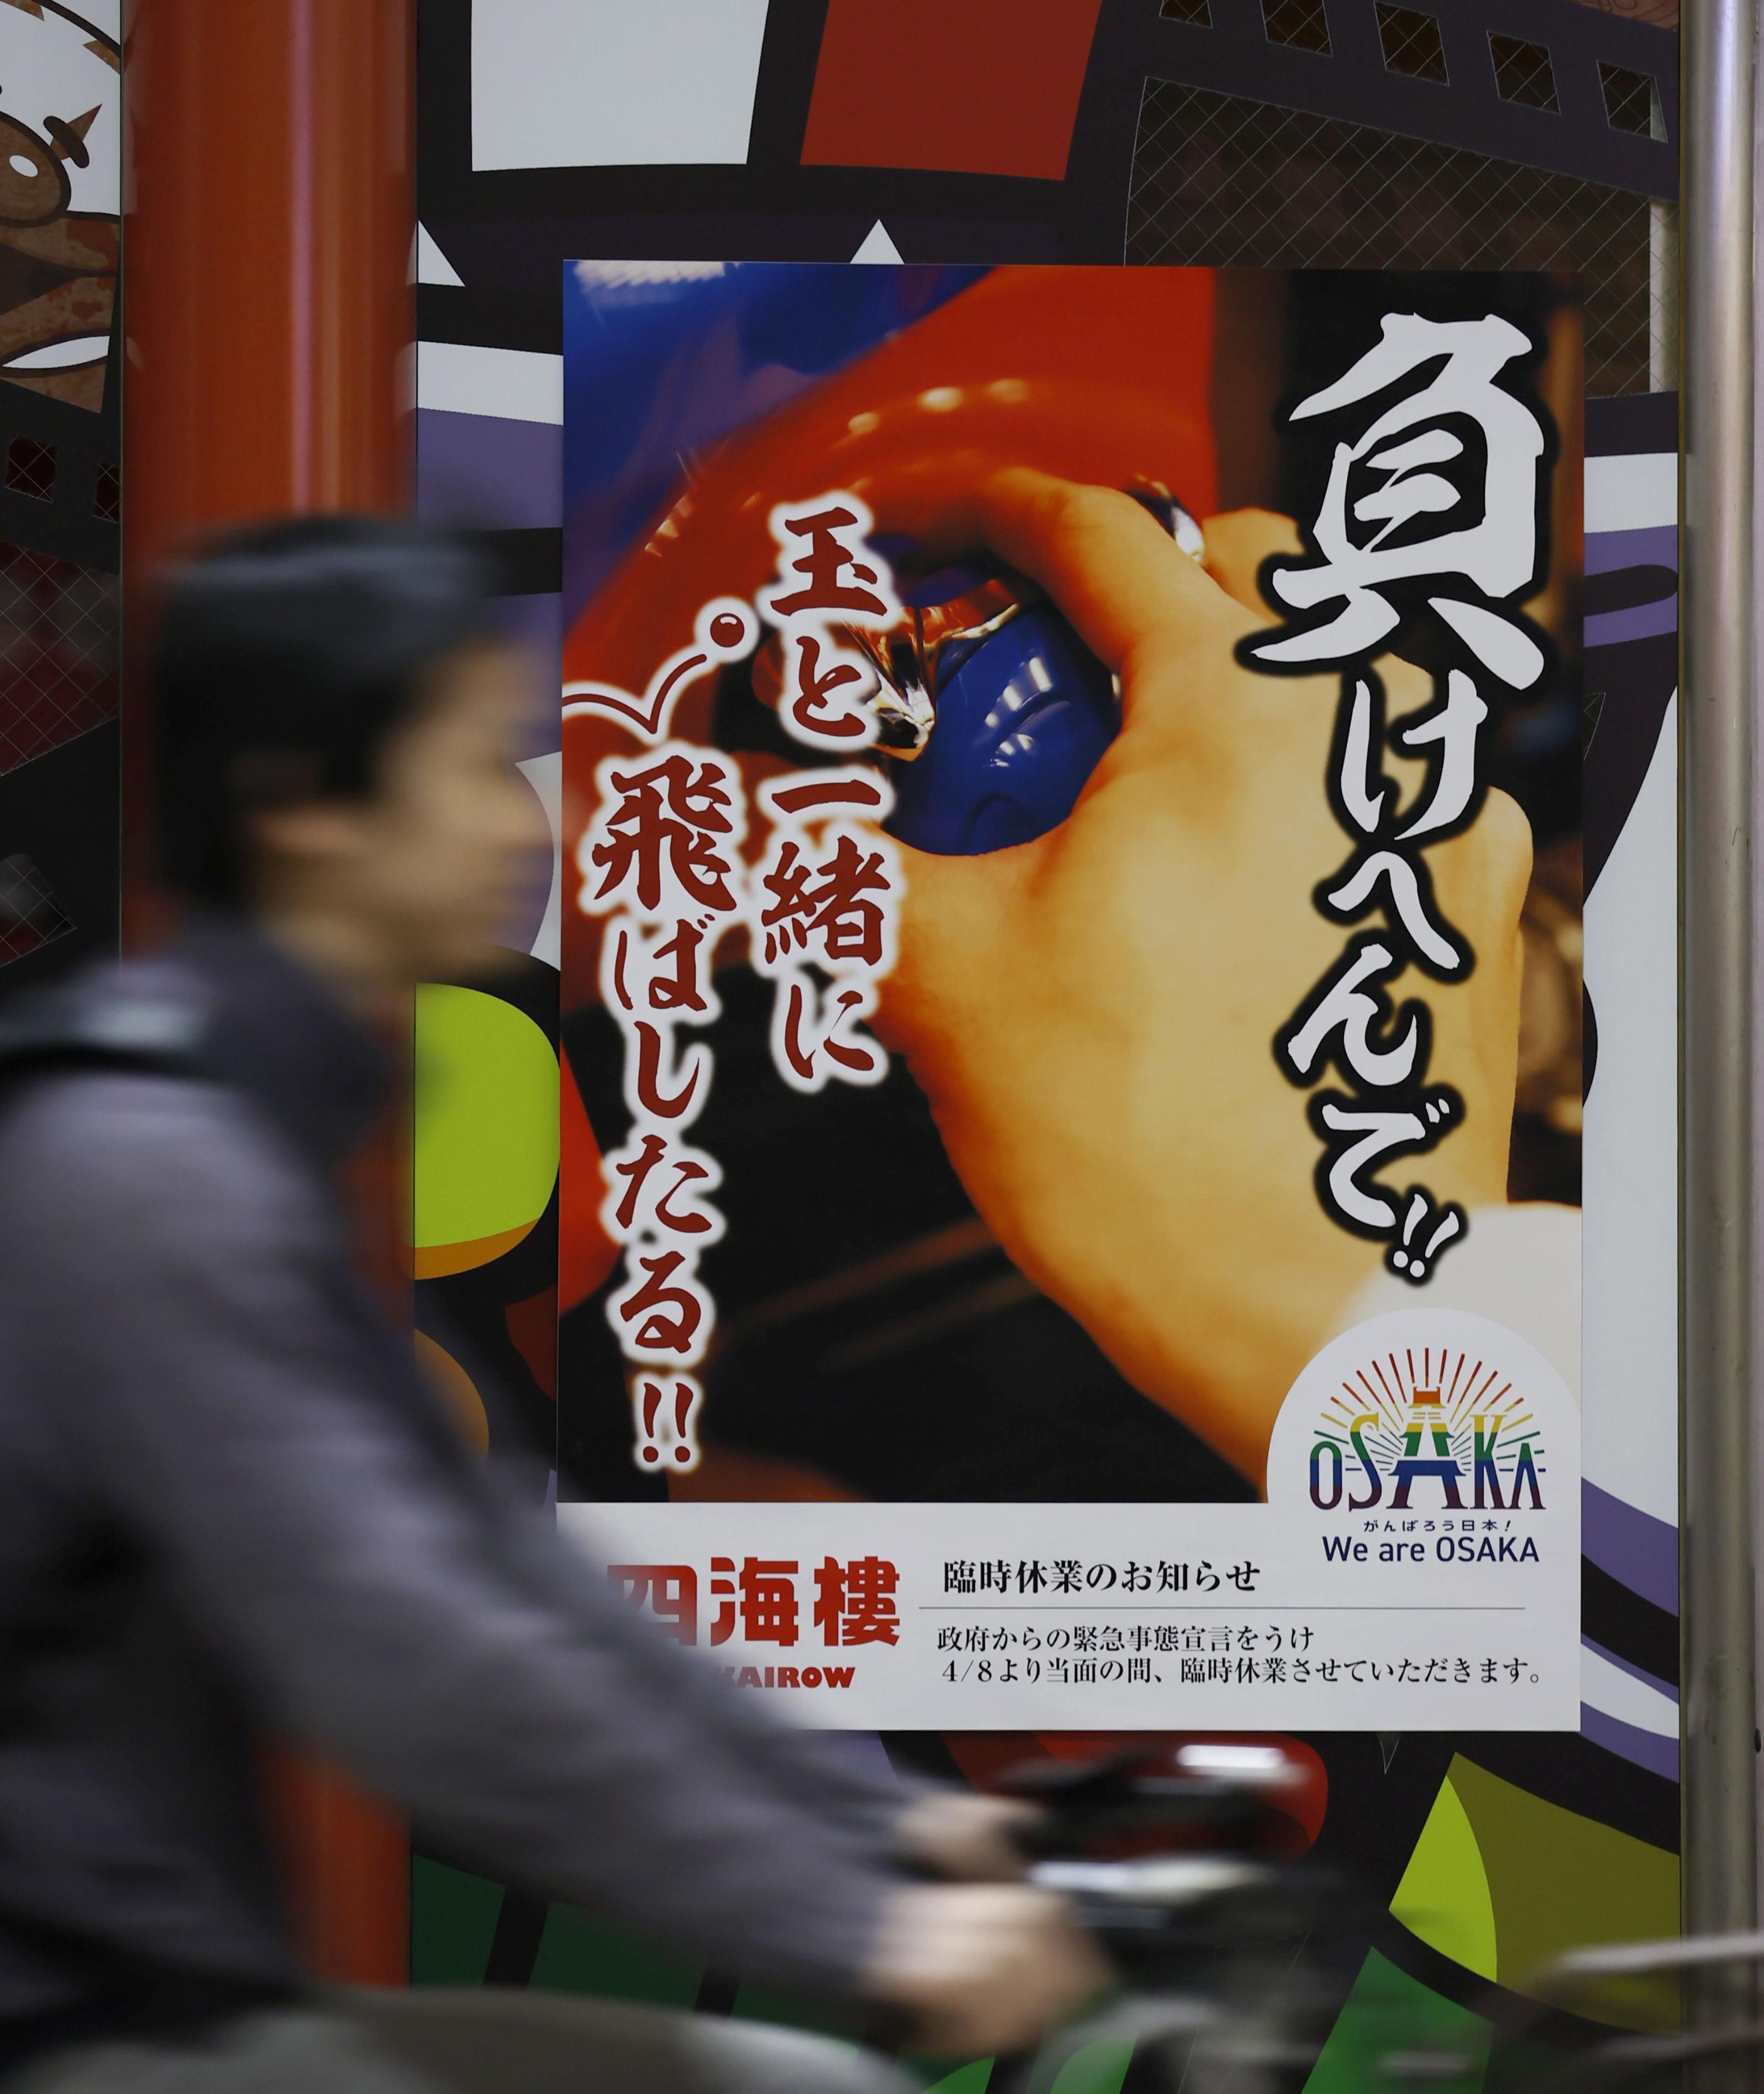 臨時休業中のパチンコ店に張られたポスター=14日午後8時9分、大阪市